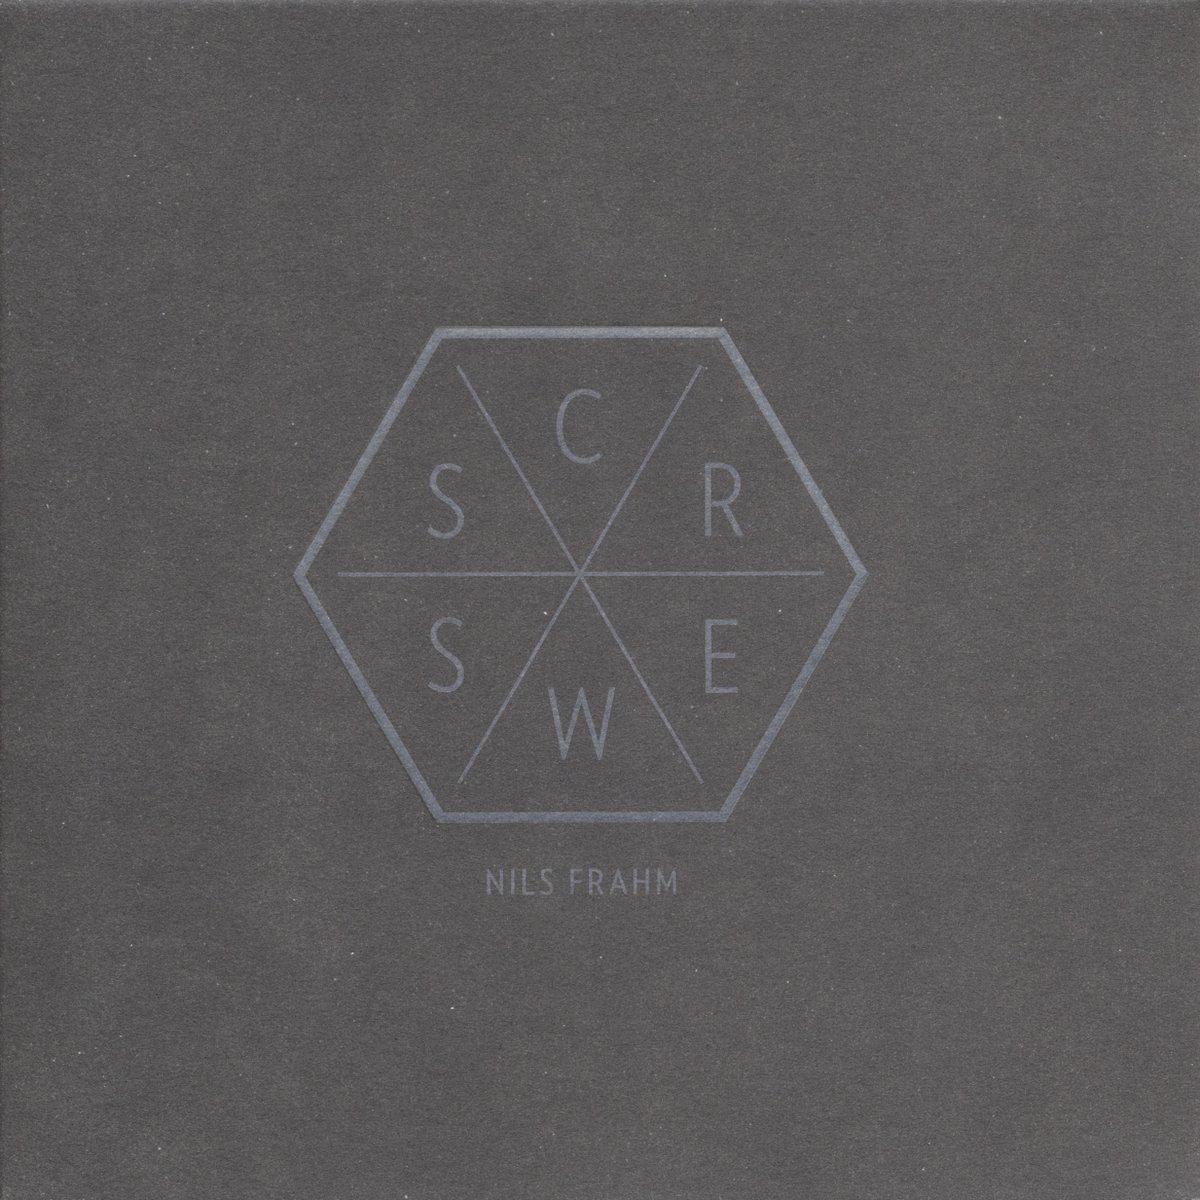 Screws Reworked (Vinyl)